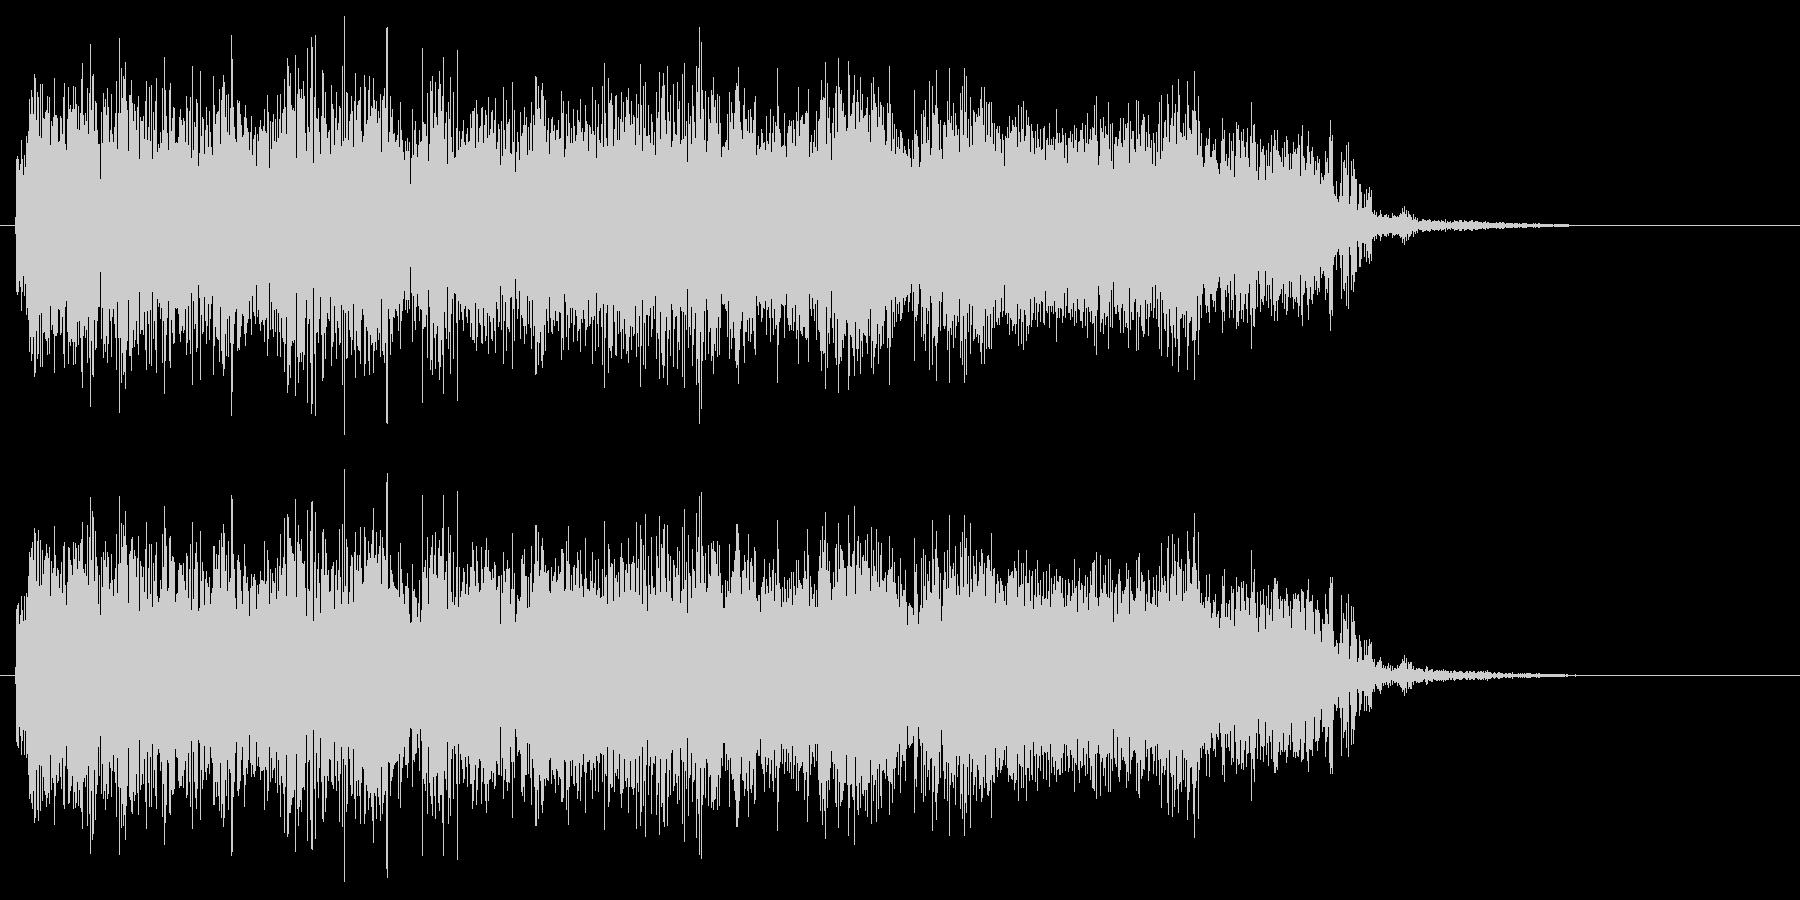 メタルの速弾きギター ジングル 場面転換の未再生の波形